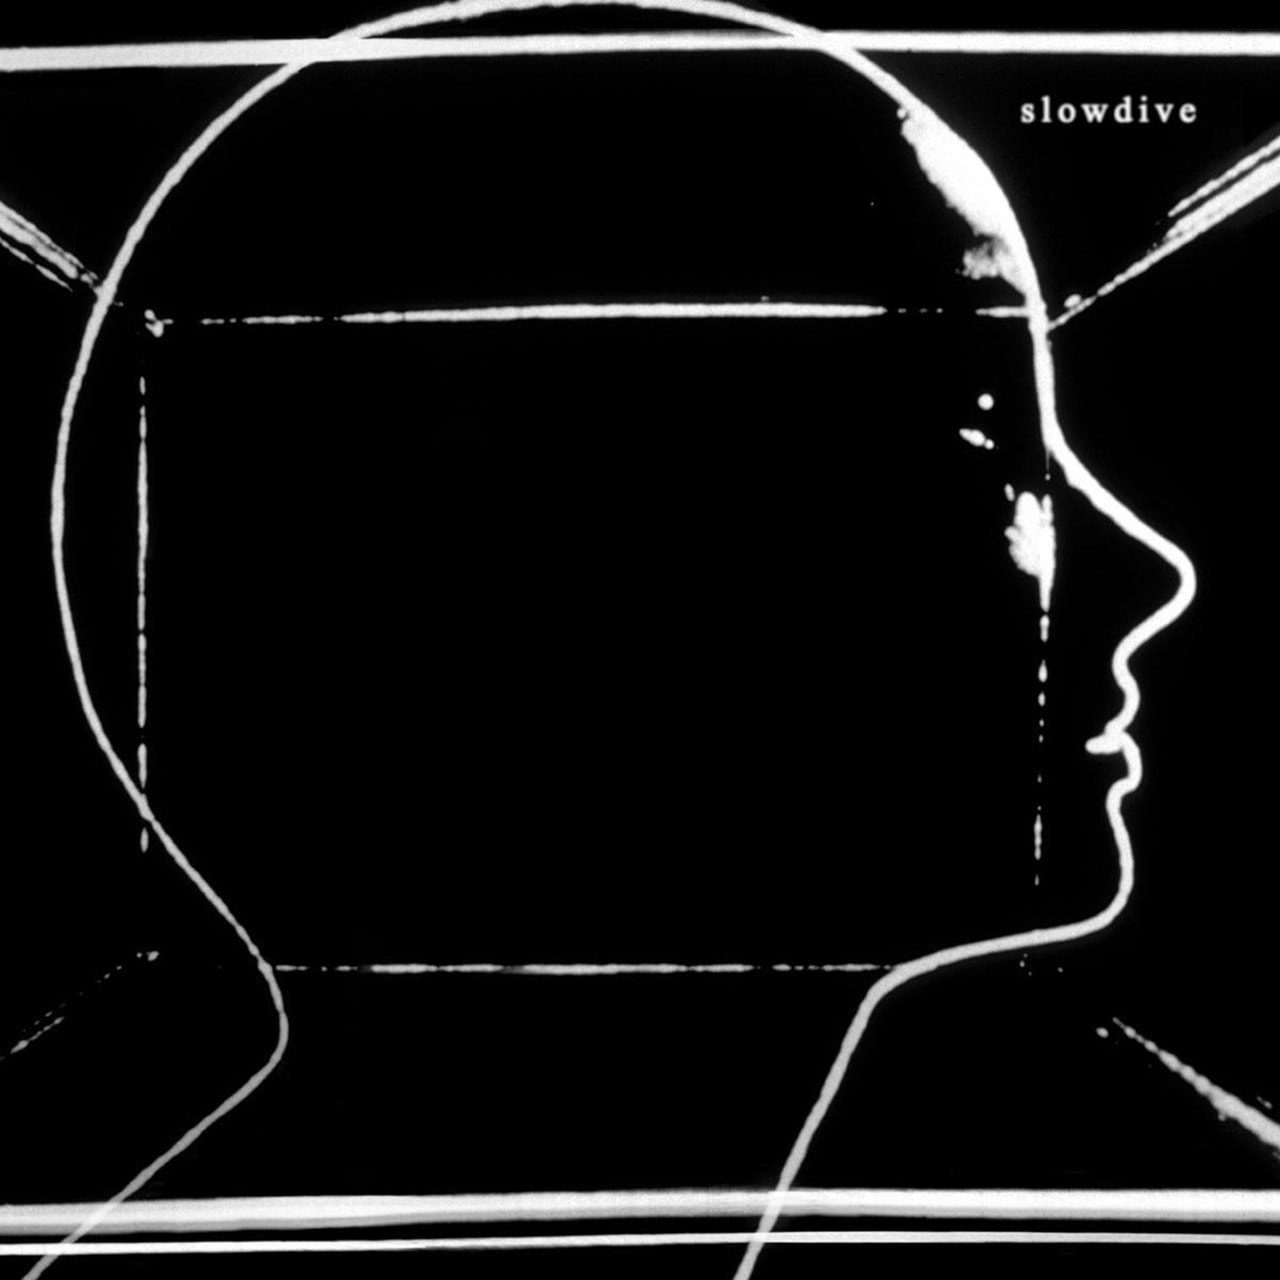 Slowdive - 1